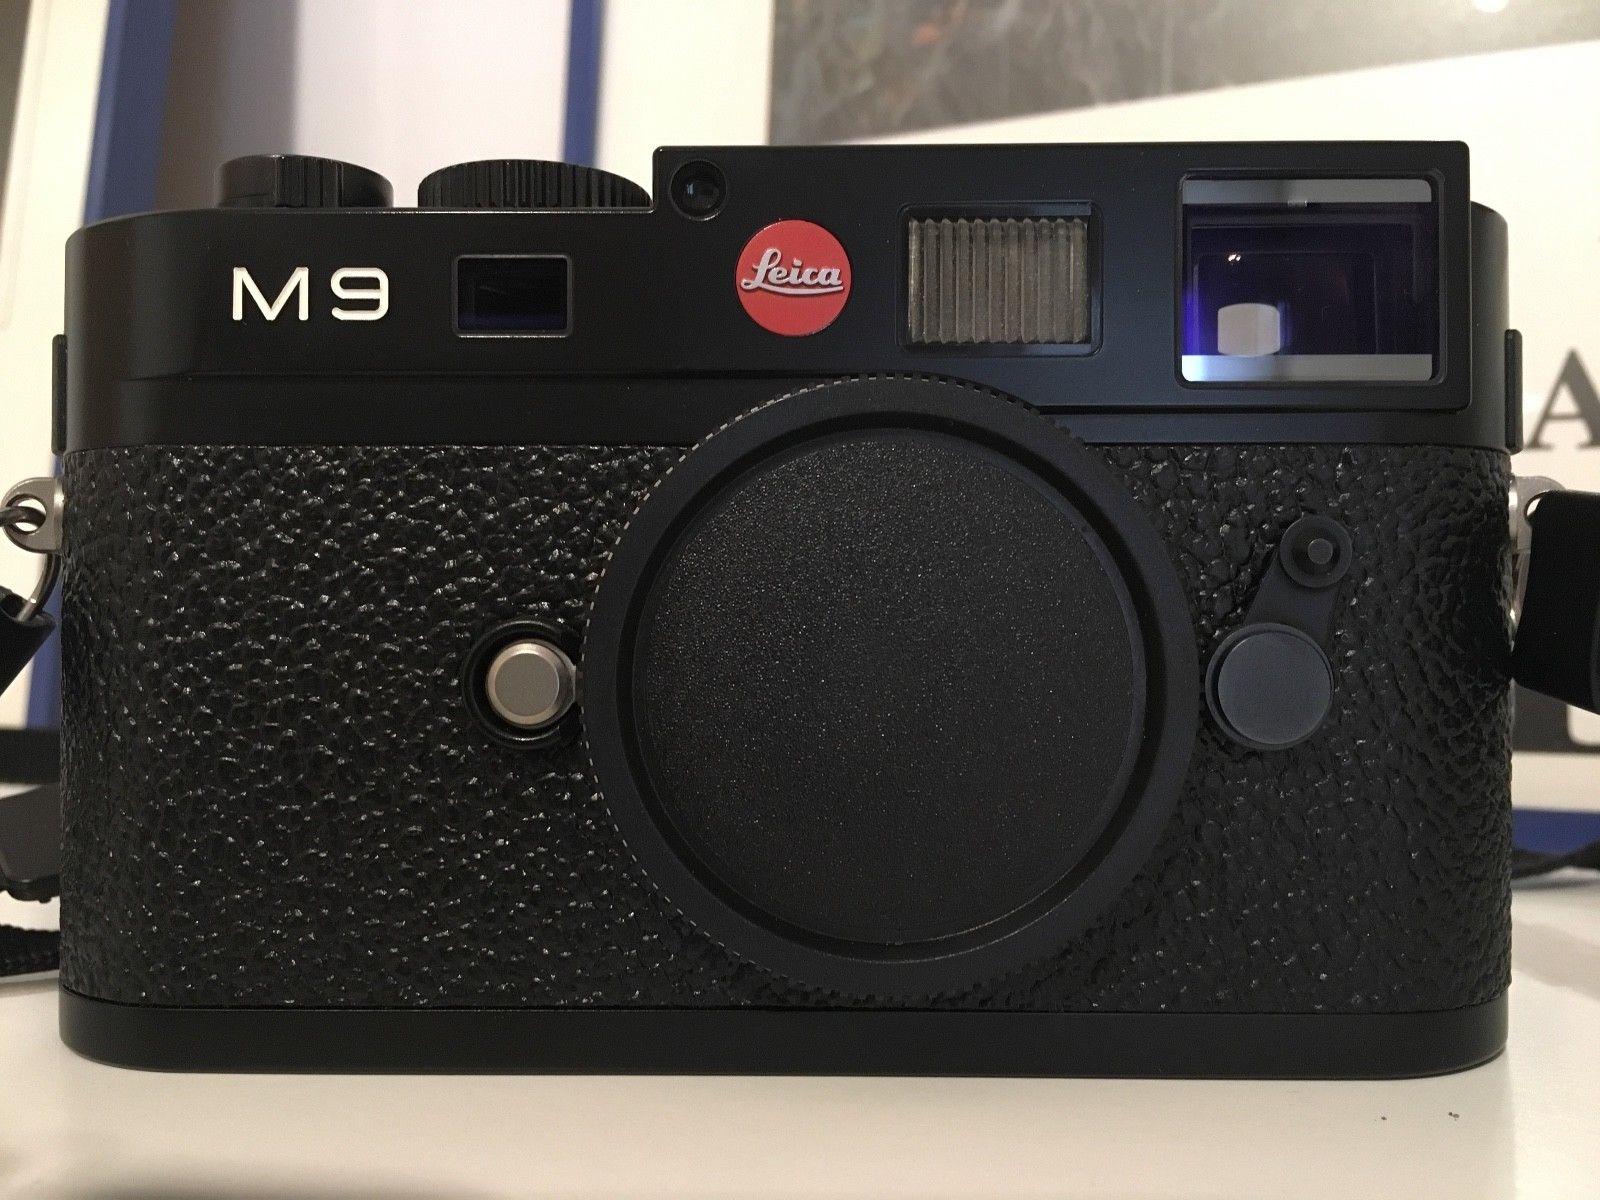 Leica M9 - Schwarz - 3178 Auslösungen